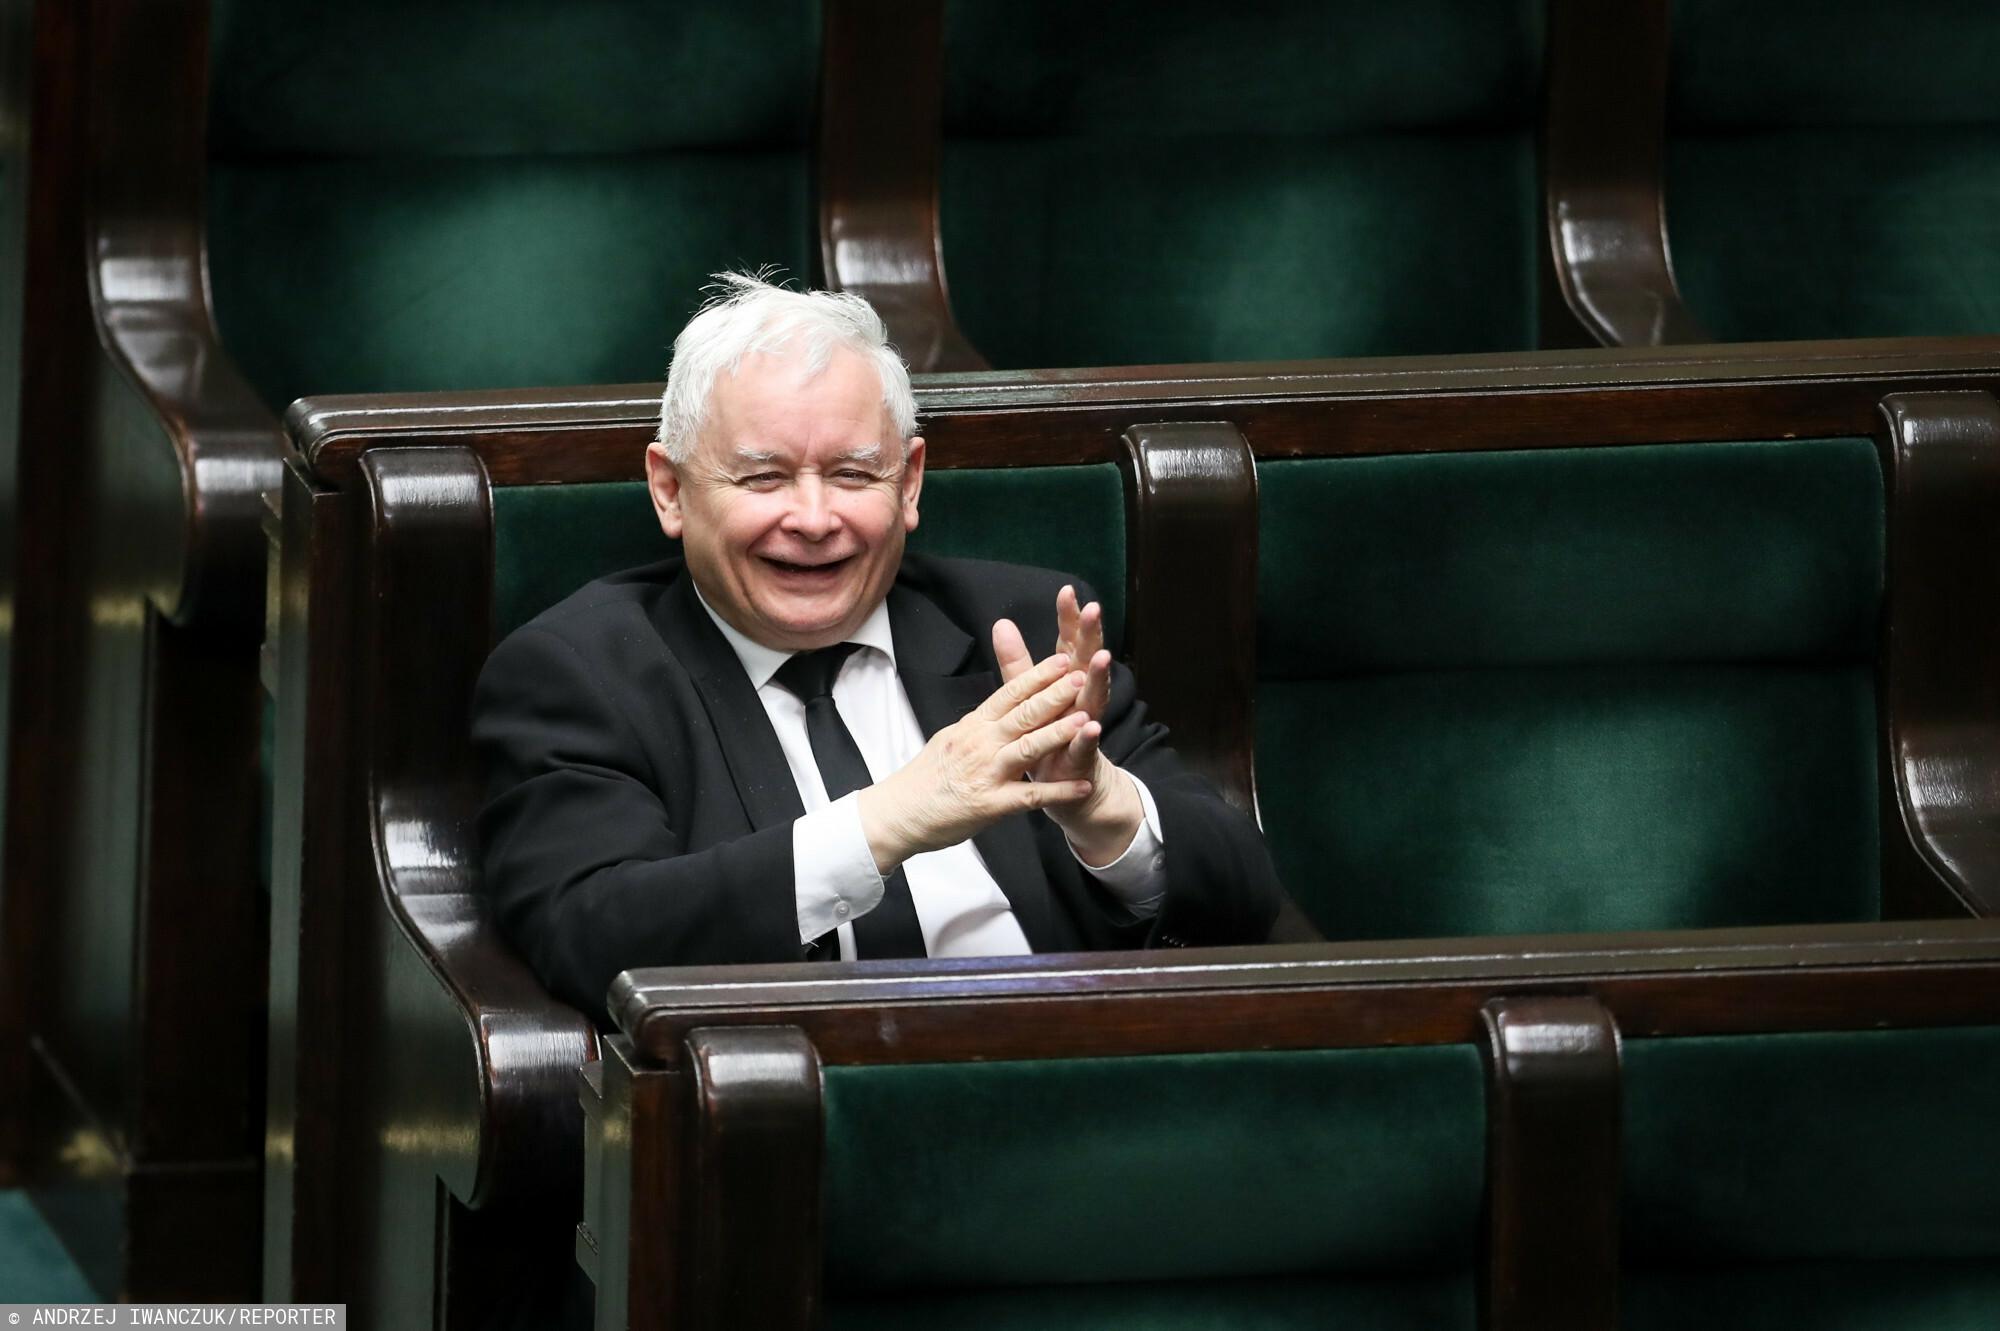 Prezes PiS Jarosław Kaczyński w trakcie obrad Sejmu.